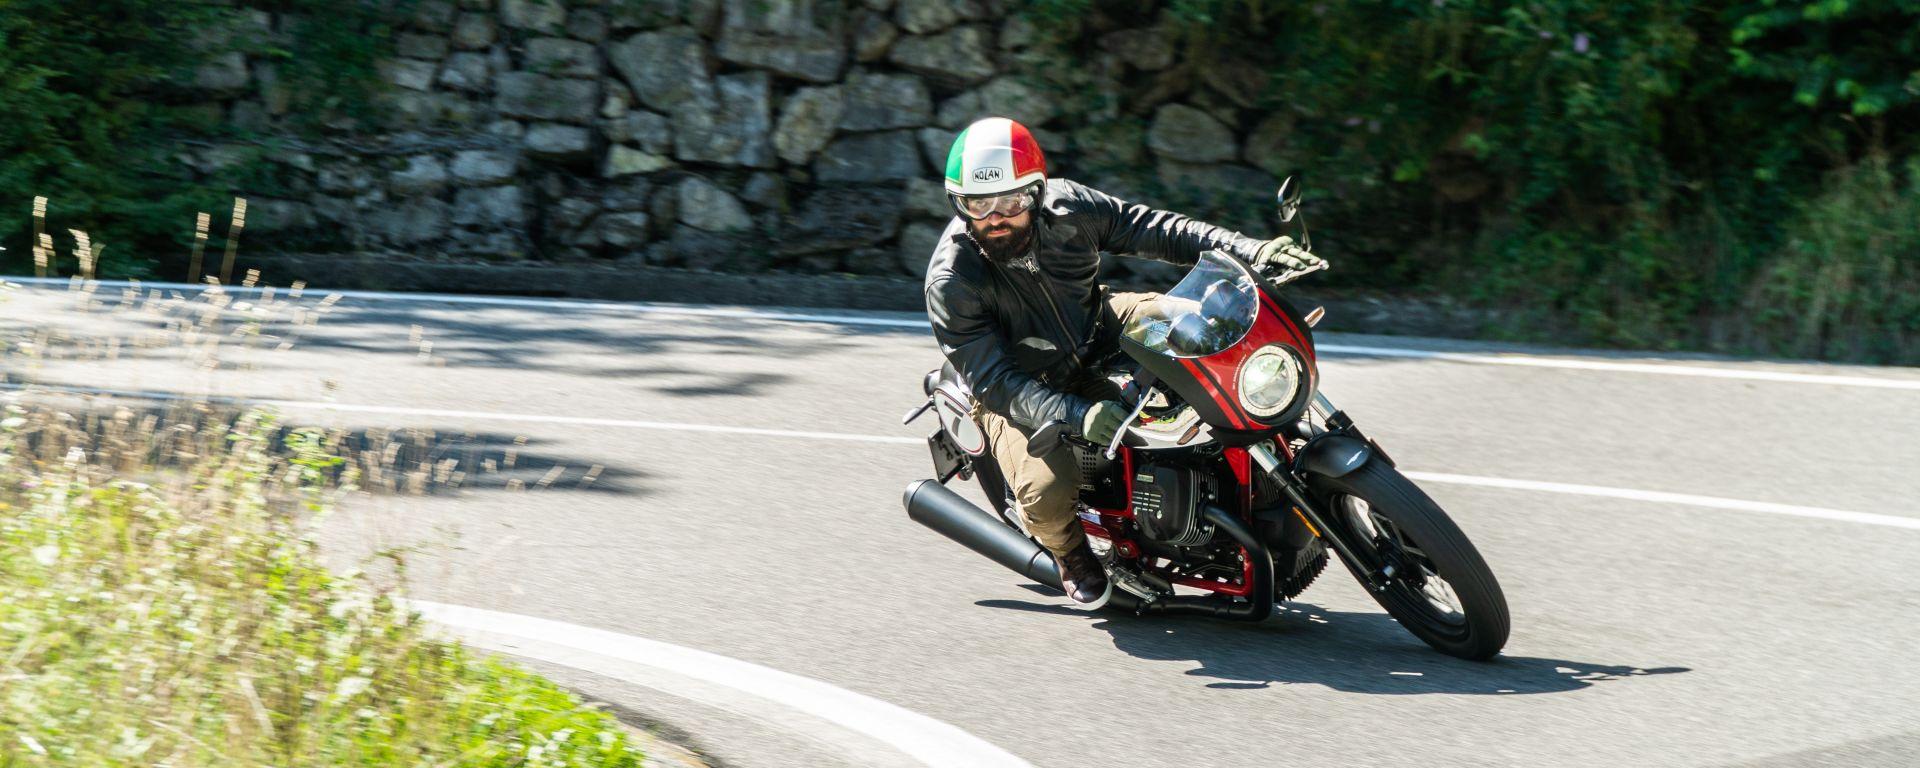 Moto Guzzi V7 Racer 10° Anniversario: la prova su strada